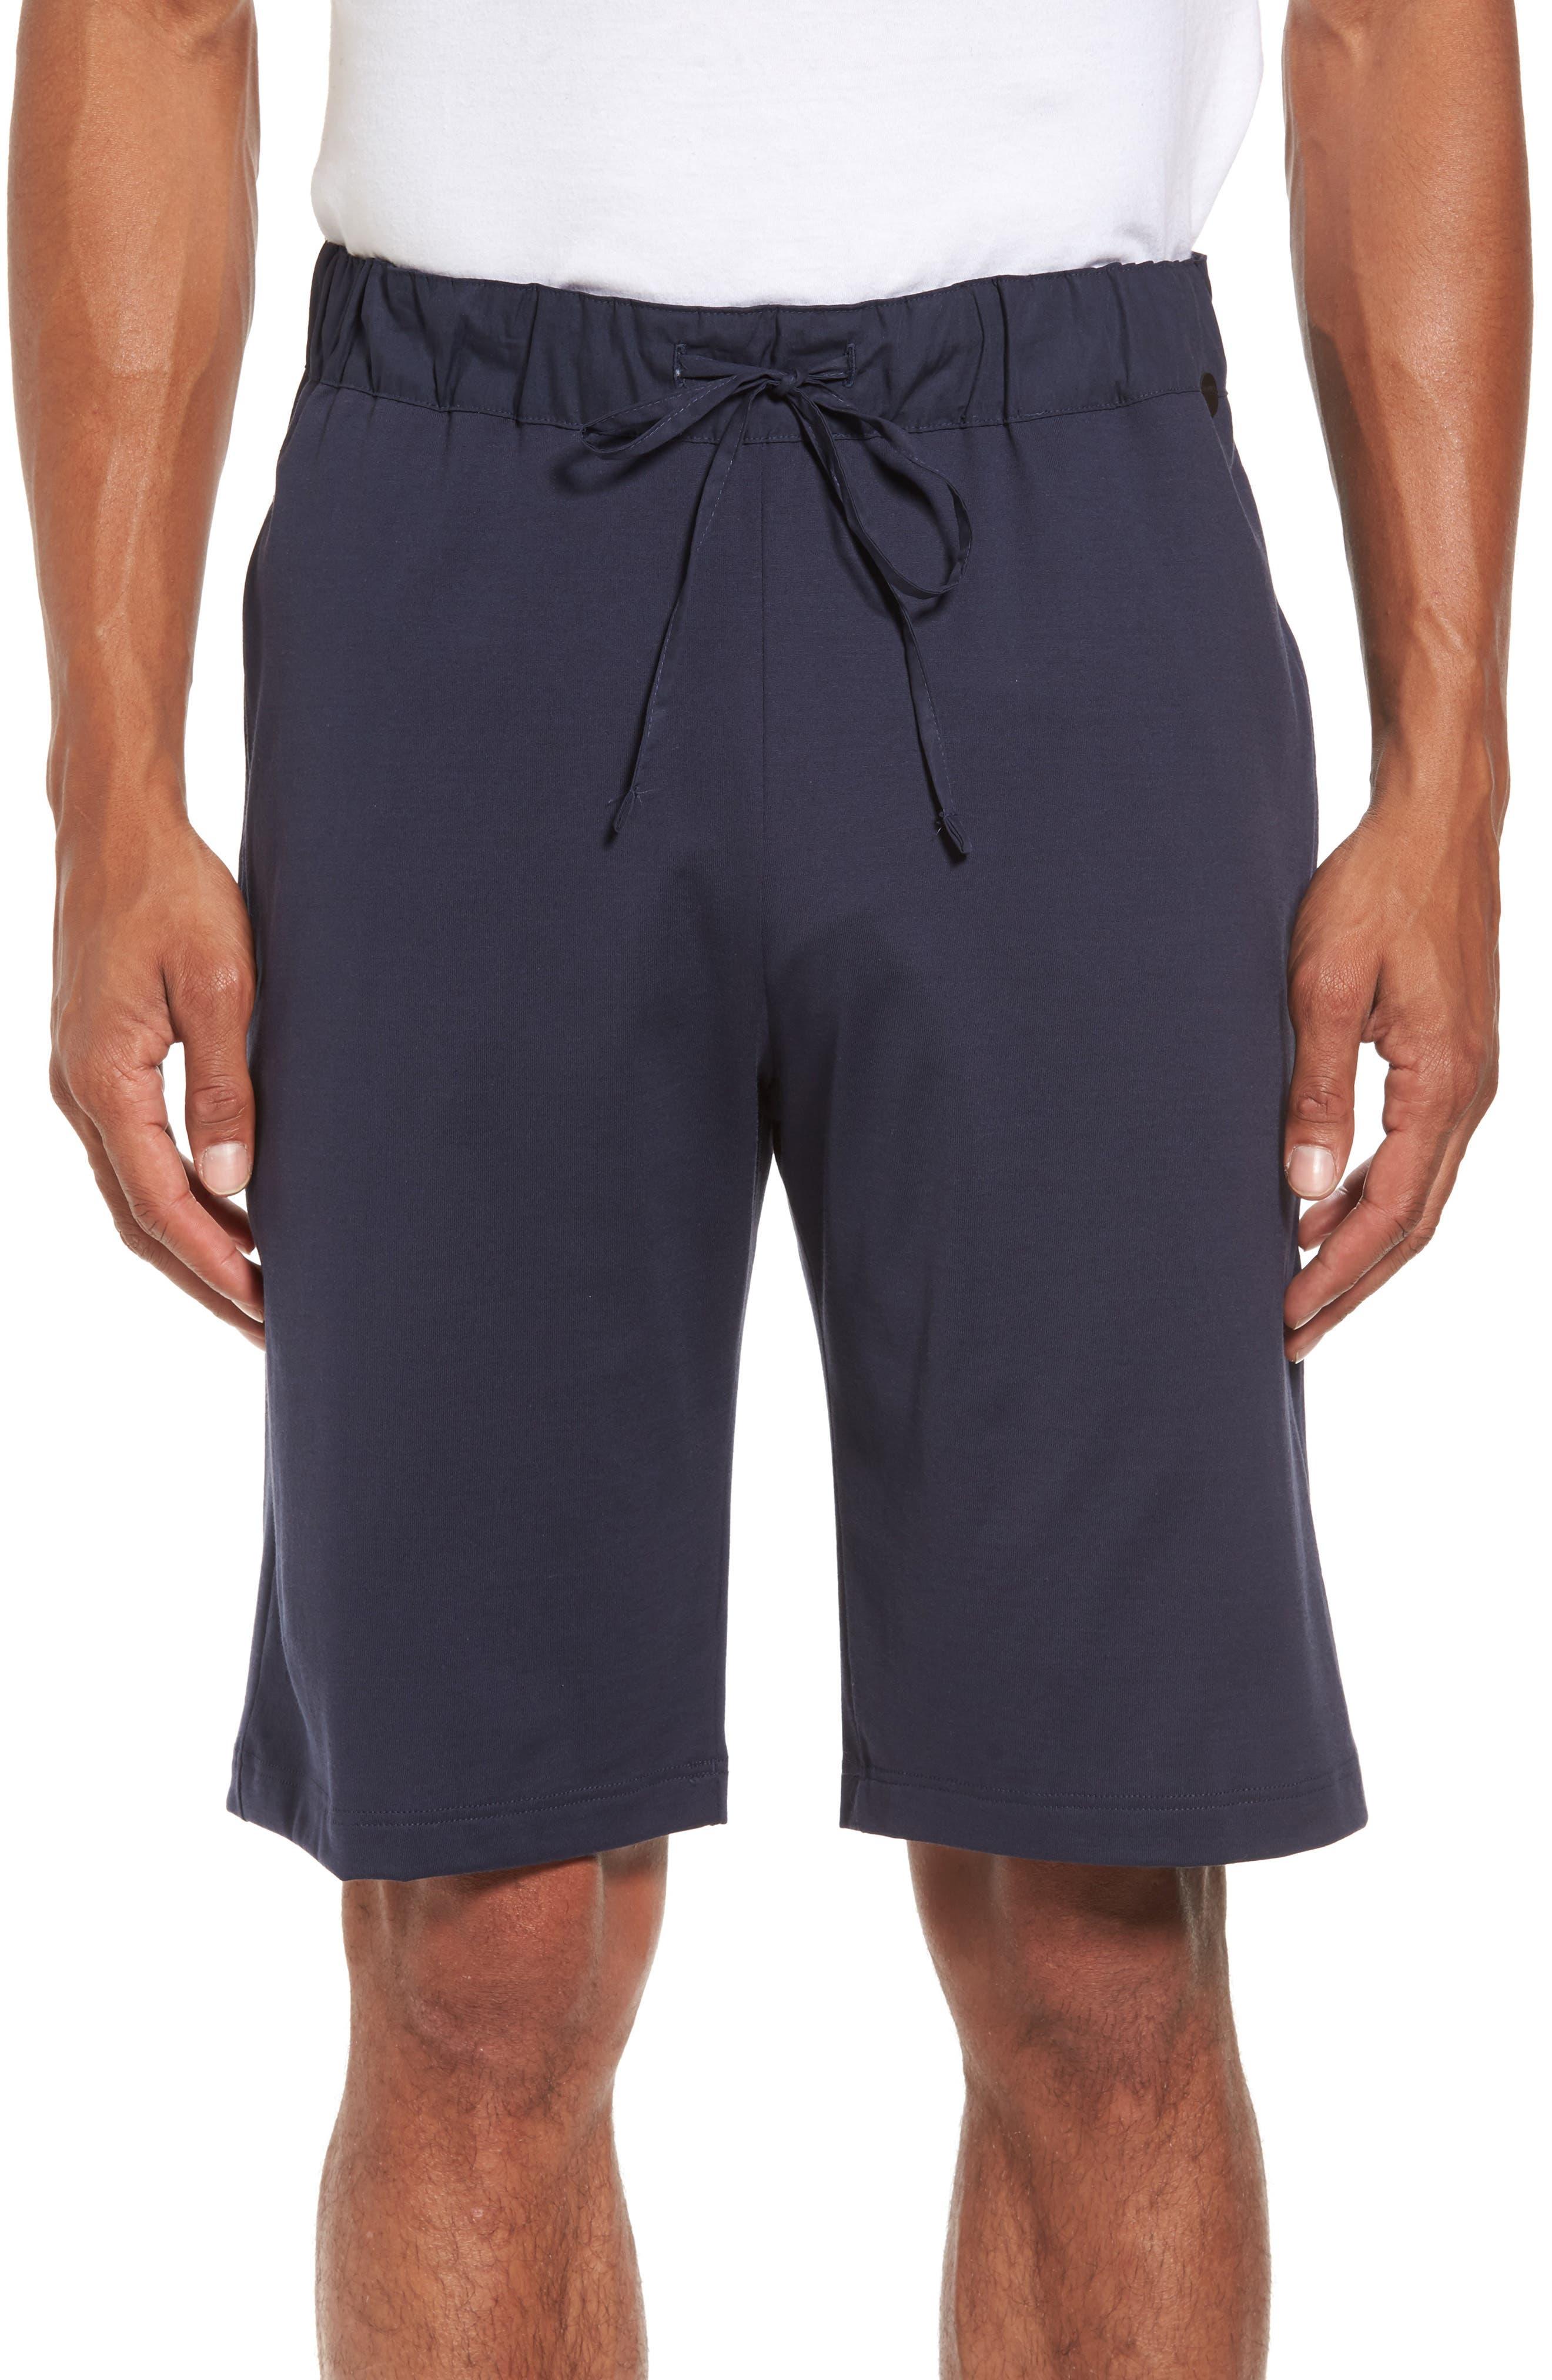 Main Image - Hanro Night & Day Knit Shorts